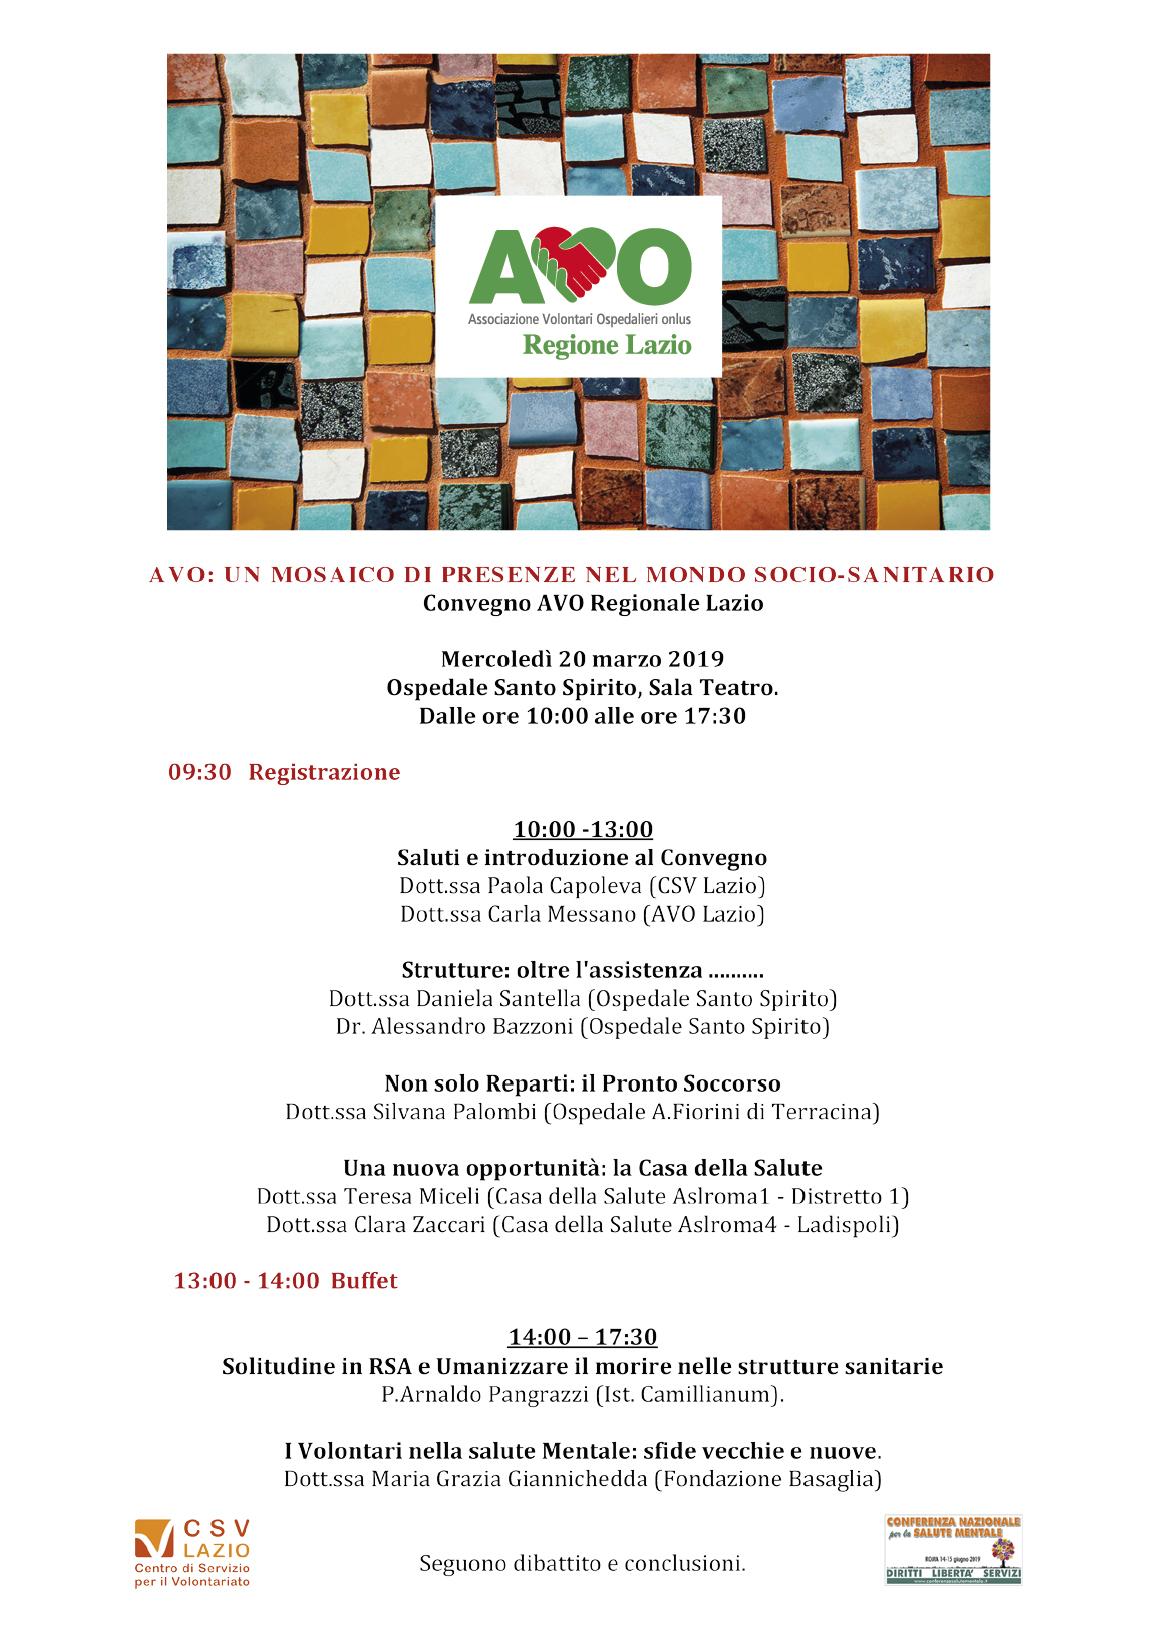 Convegno Avo Regio Lazio 20 marzo 2019